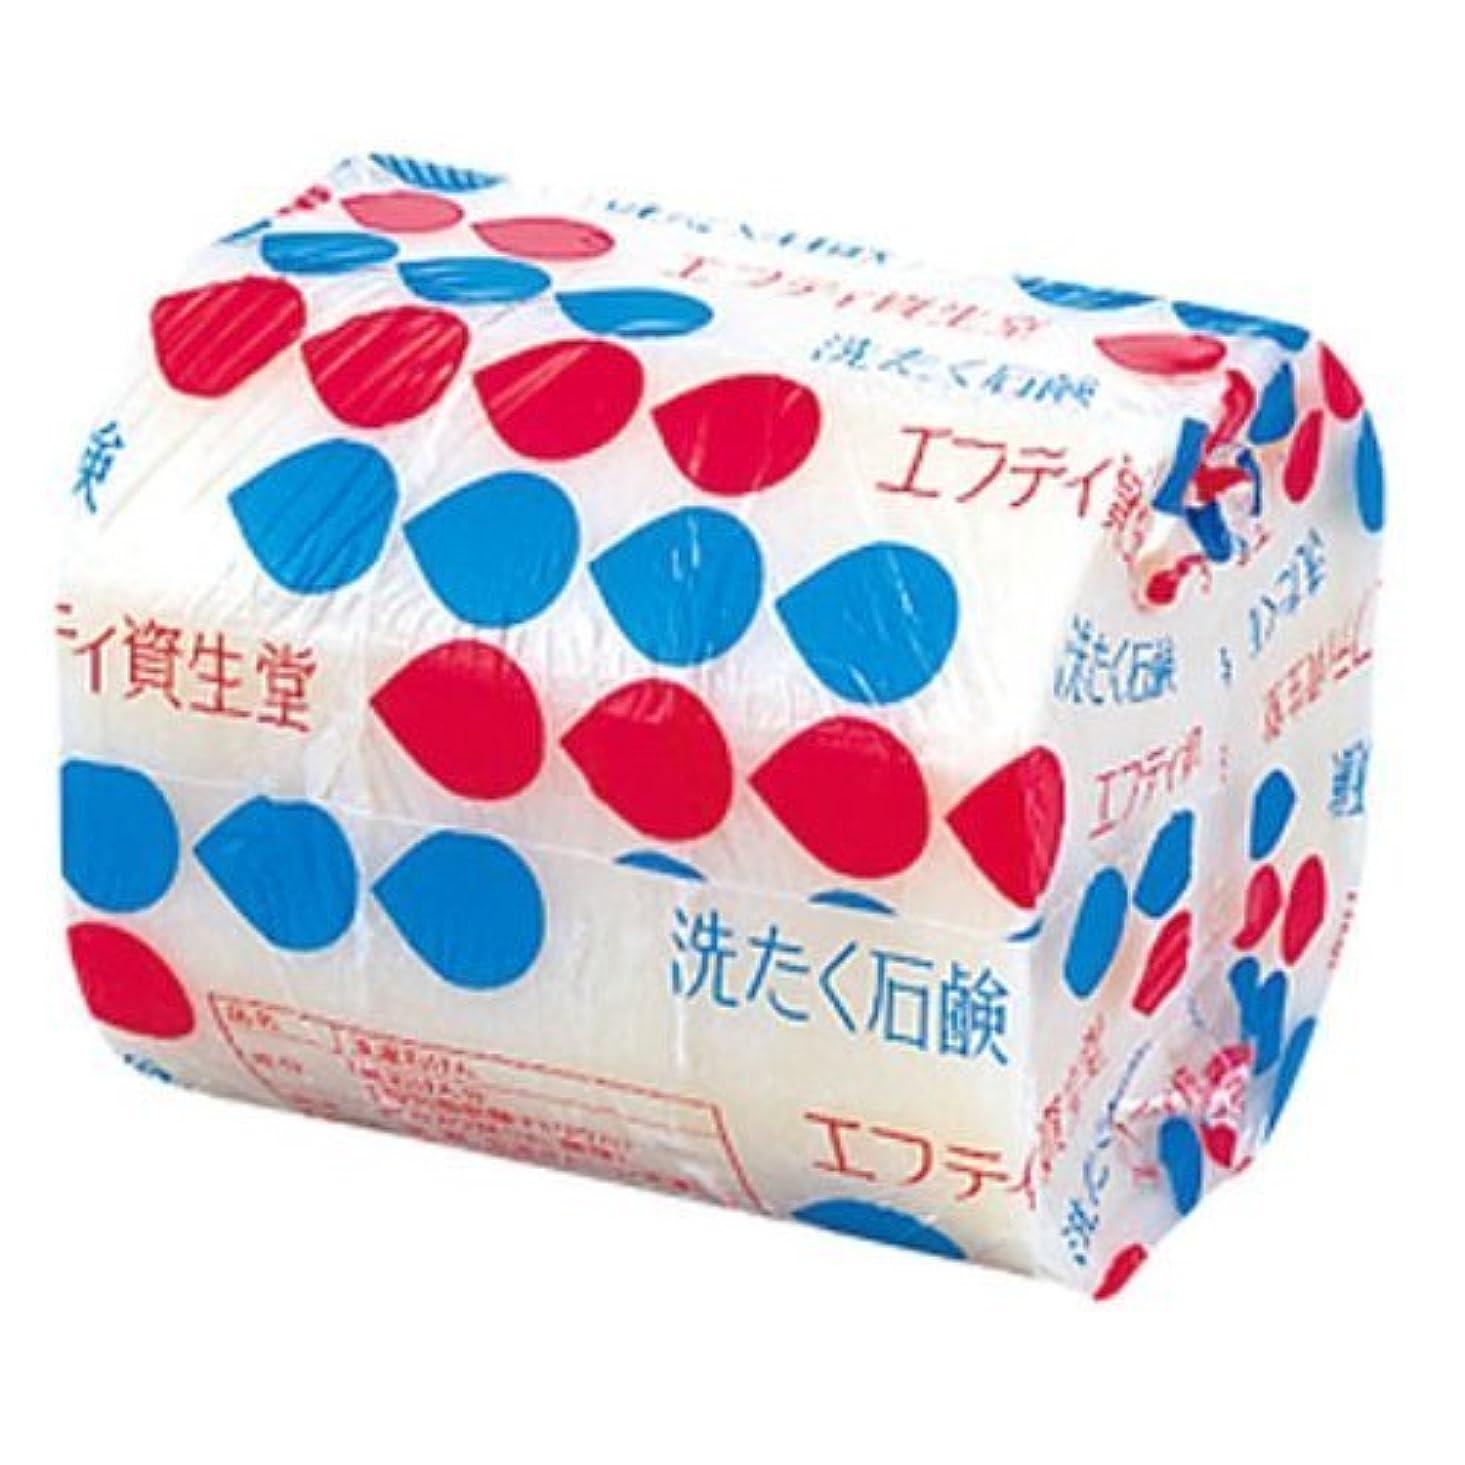 潜在的なソログローバル【資生堂】エフティ資生堂洗たく石鹸花椿型3コパック200g